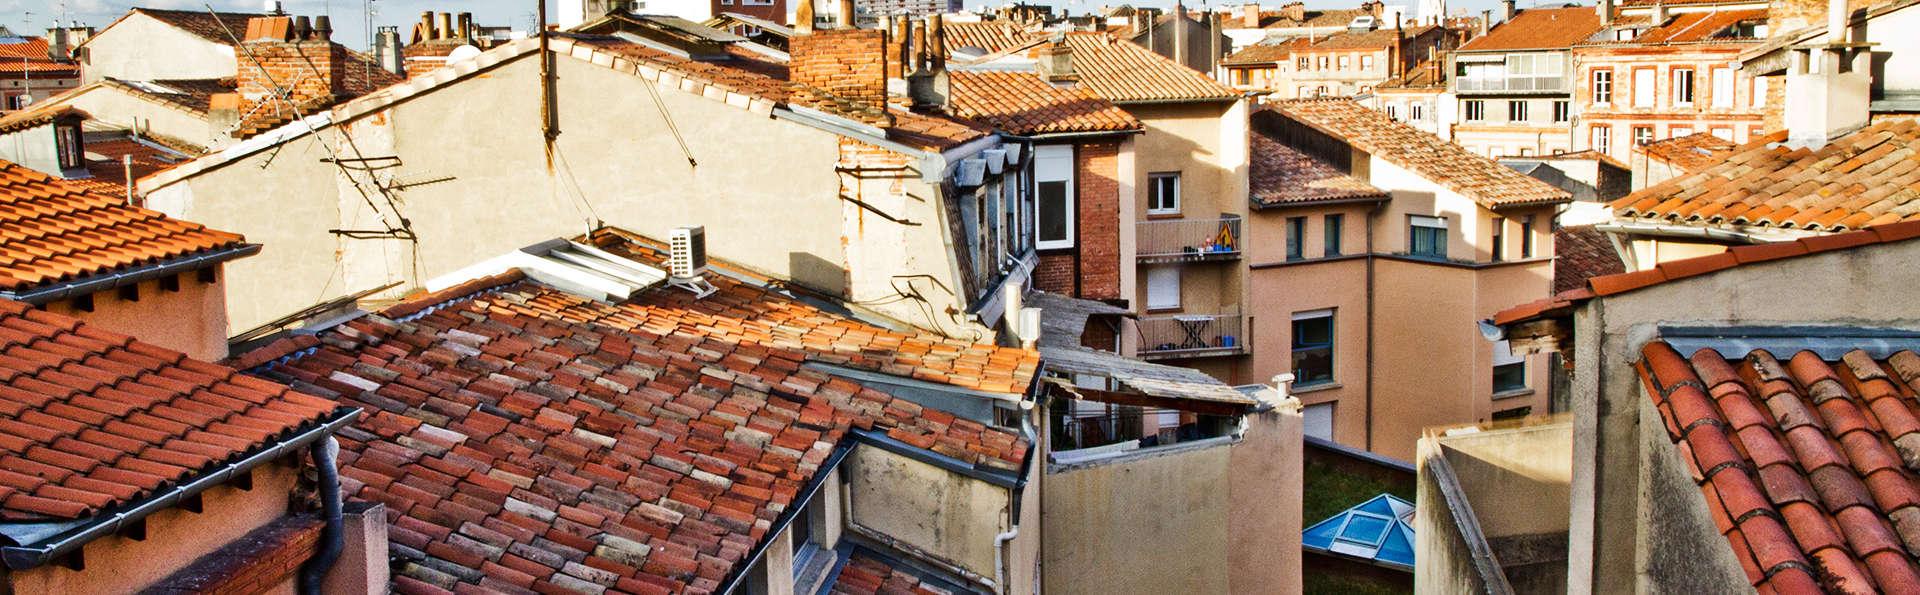 Offre spéciale : week-end en plein cœur de Toulouse